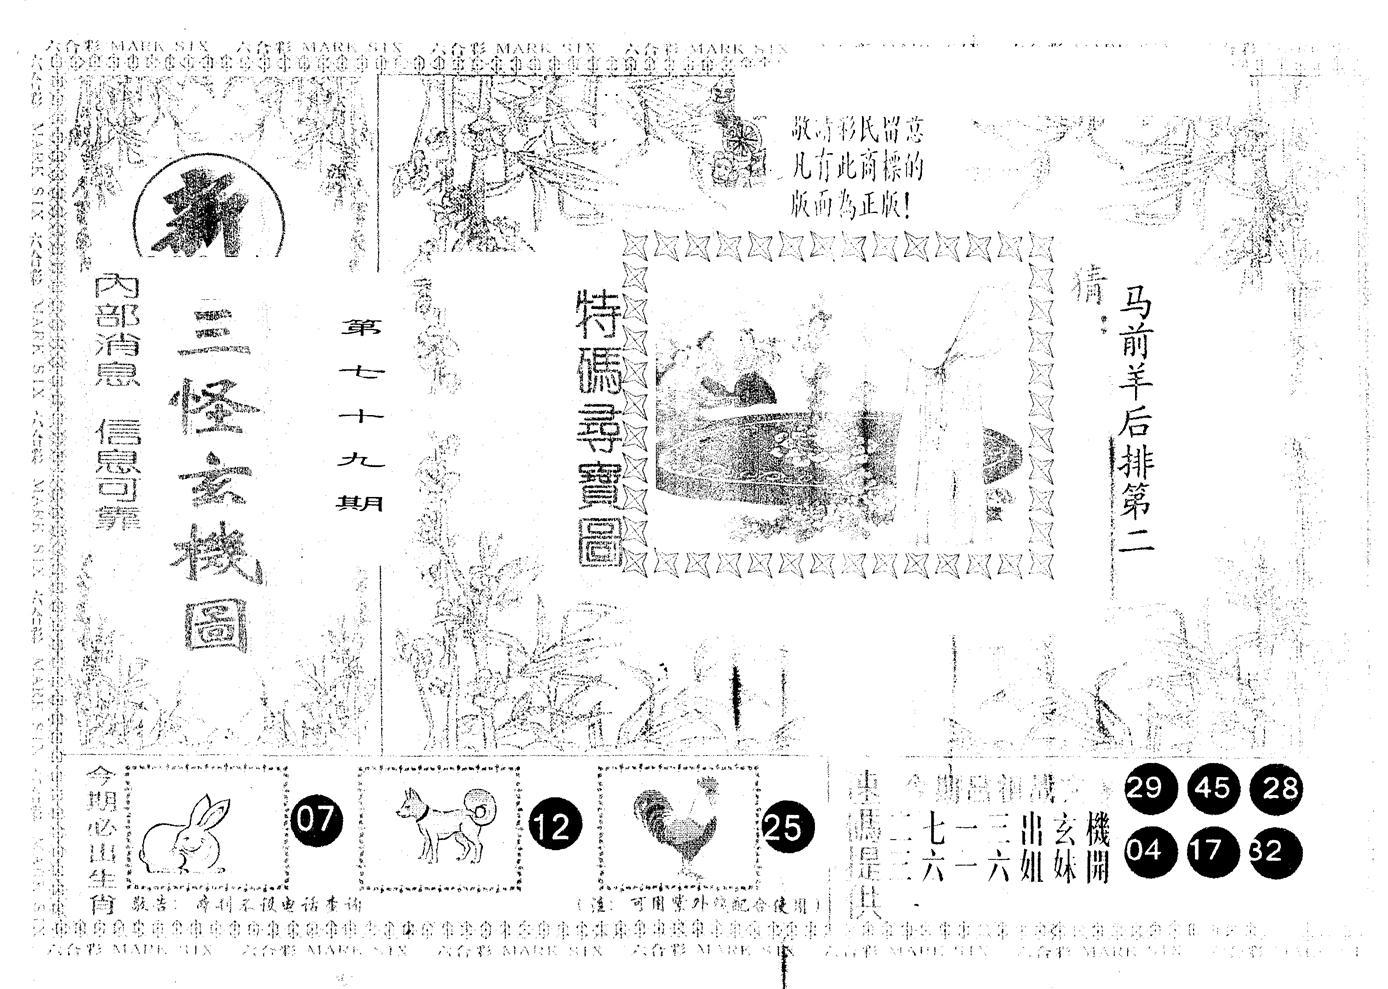 079期另版新三怪(黑白)